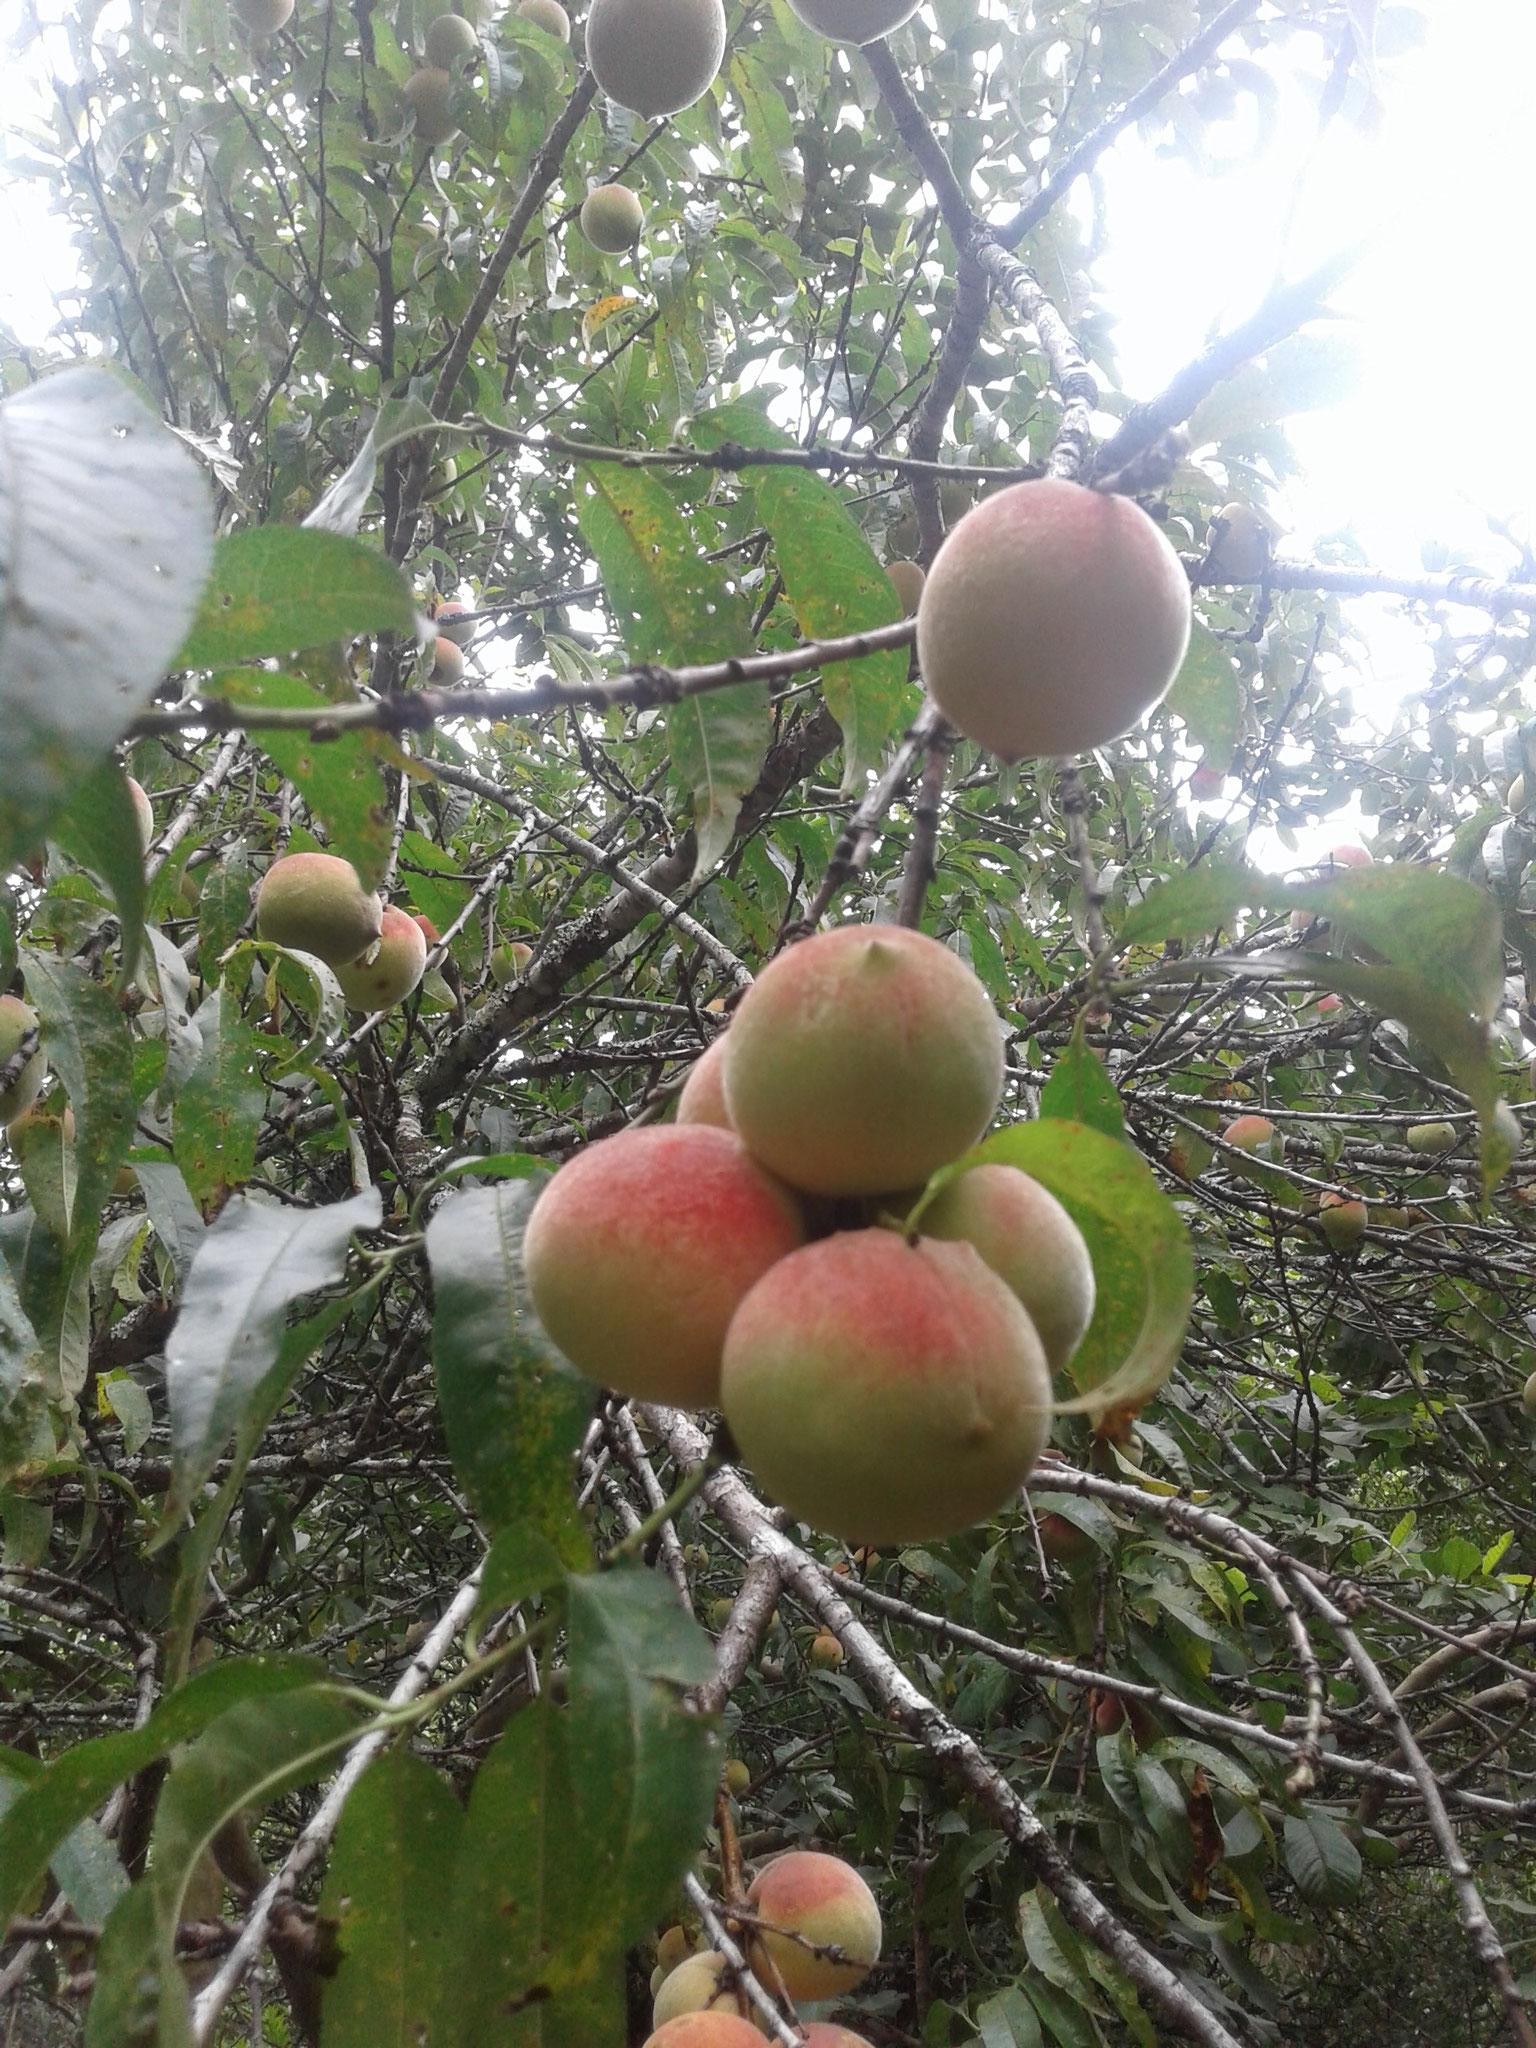 Hier wachsen ziemlich alle Fruchtsorten, die man sich vorstellen kann